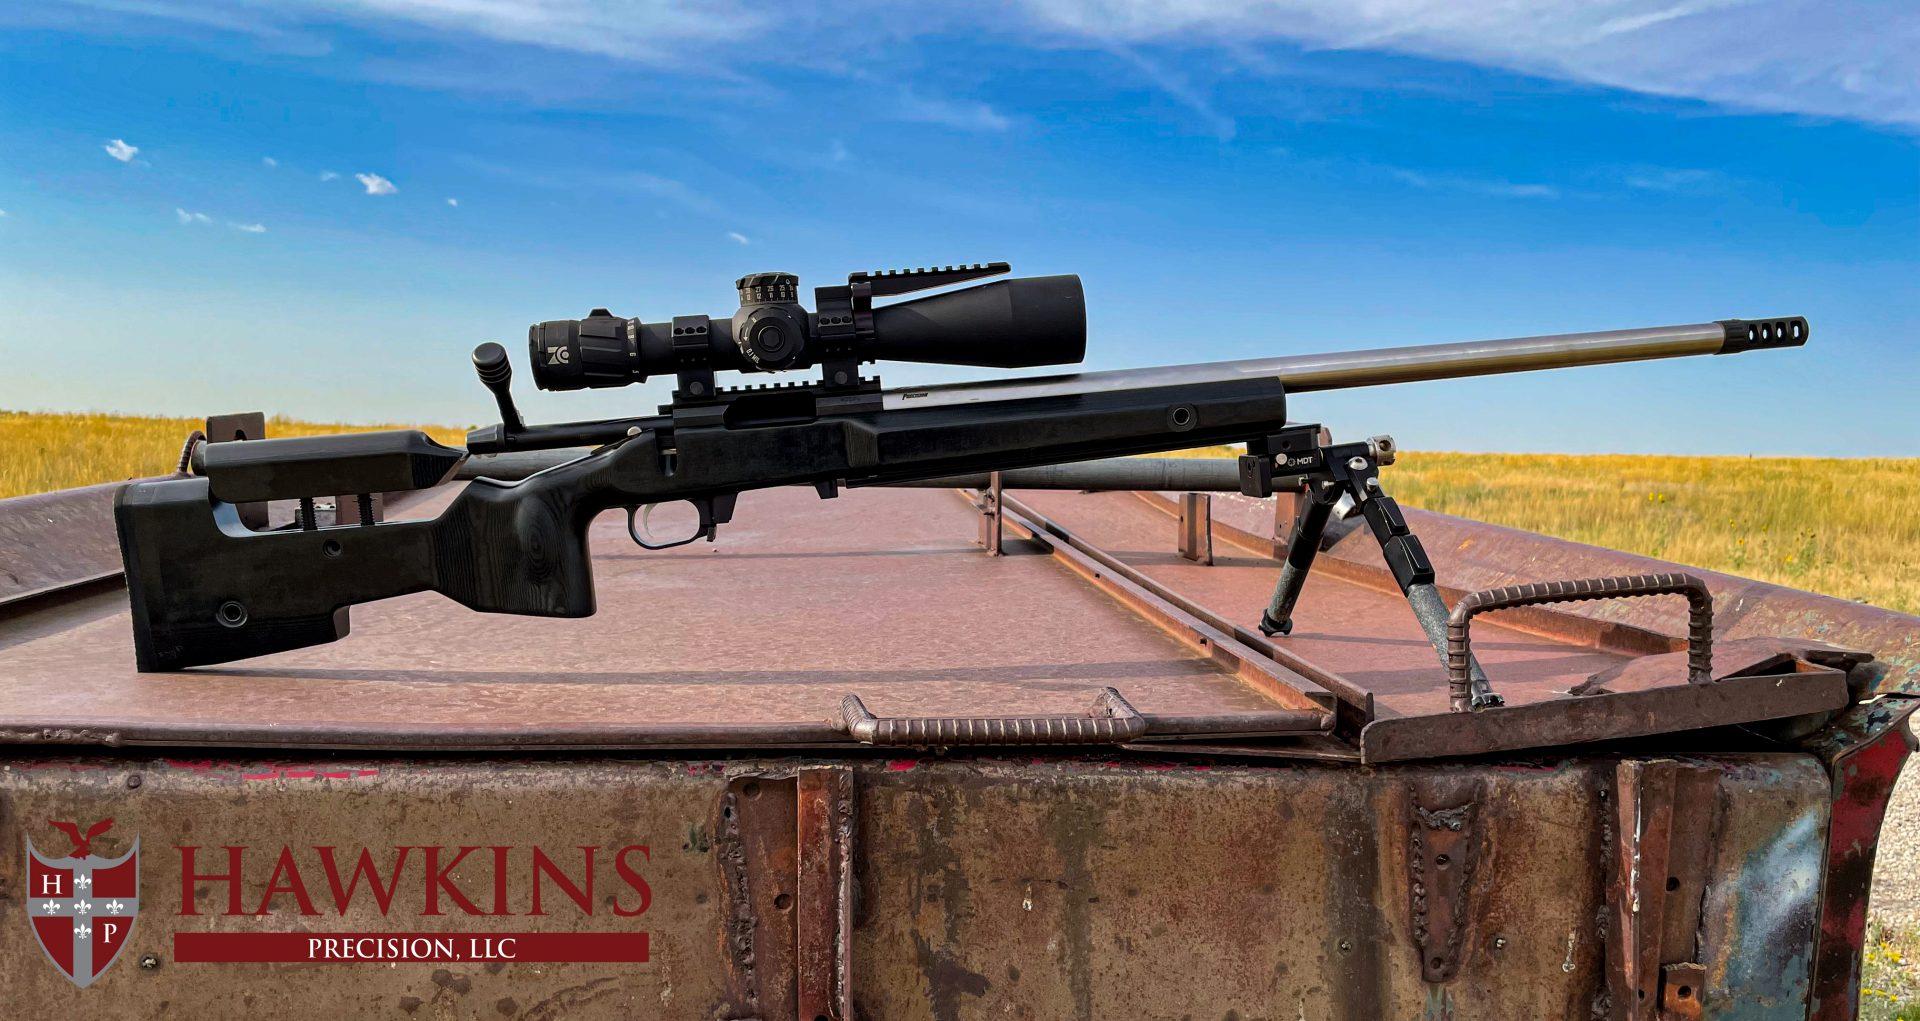 223 Wylde Bolt Rifle